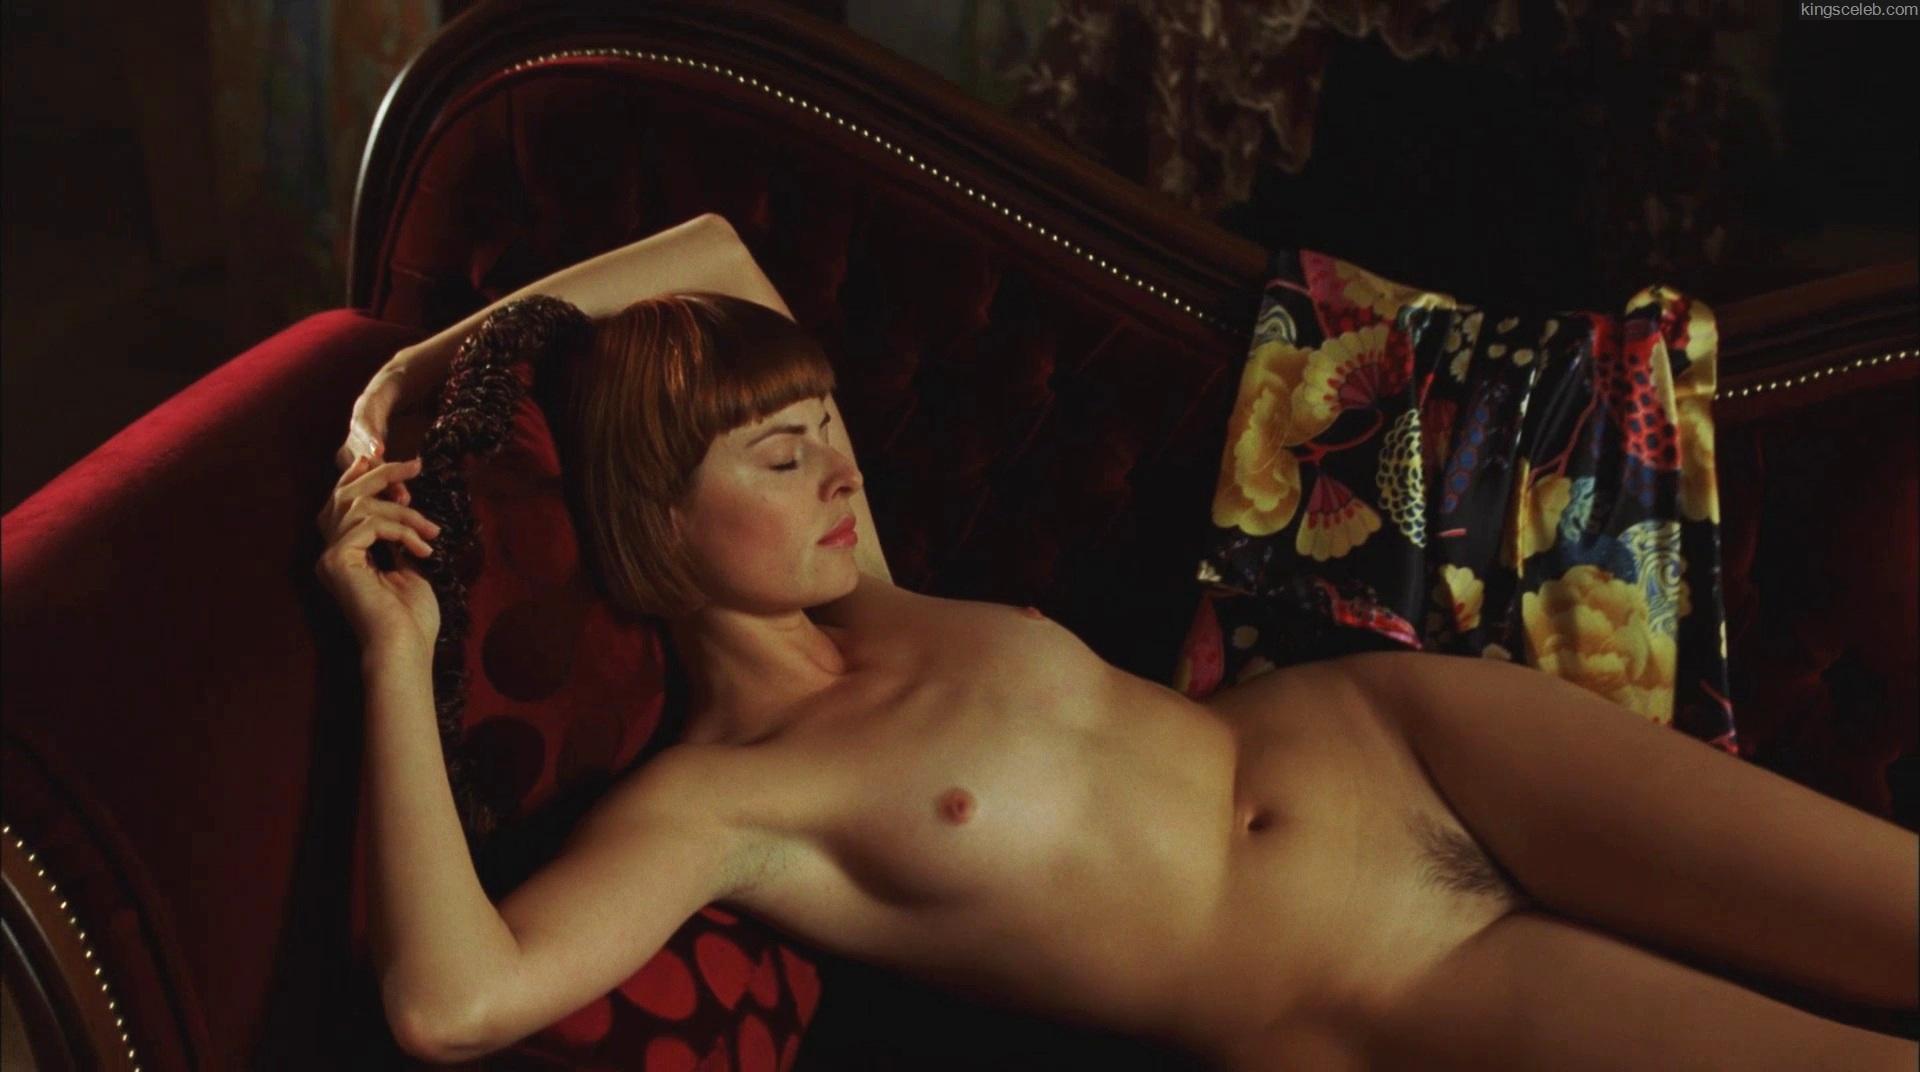 онлайн актрисы секспорно кино откровенные видео сцены в